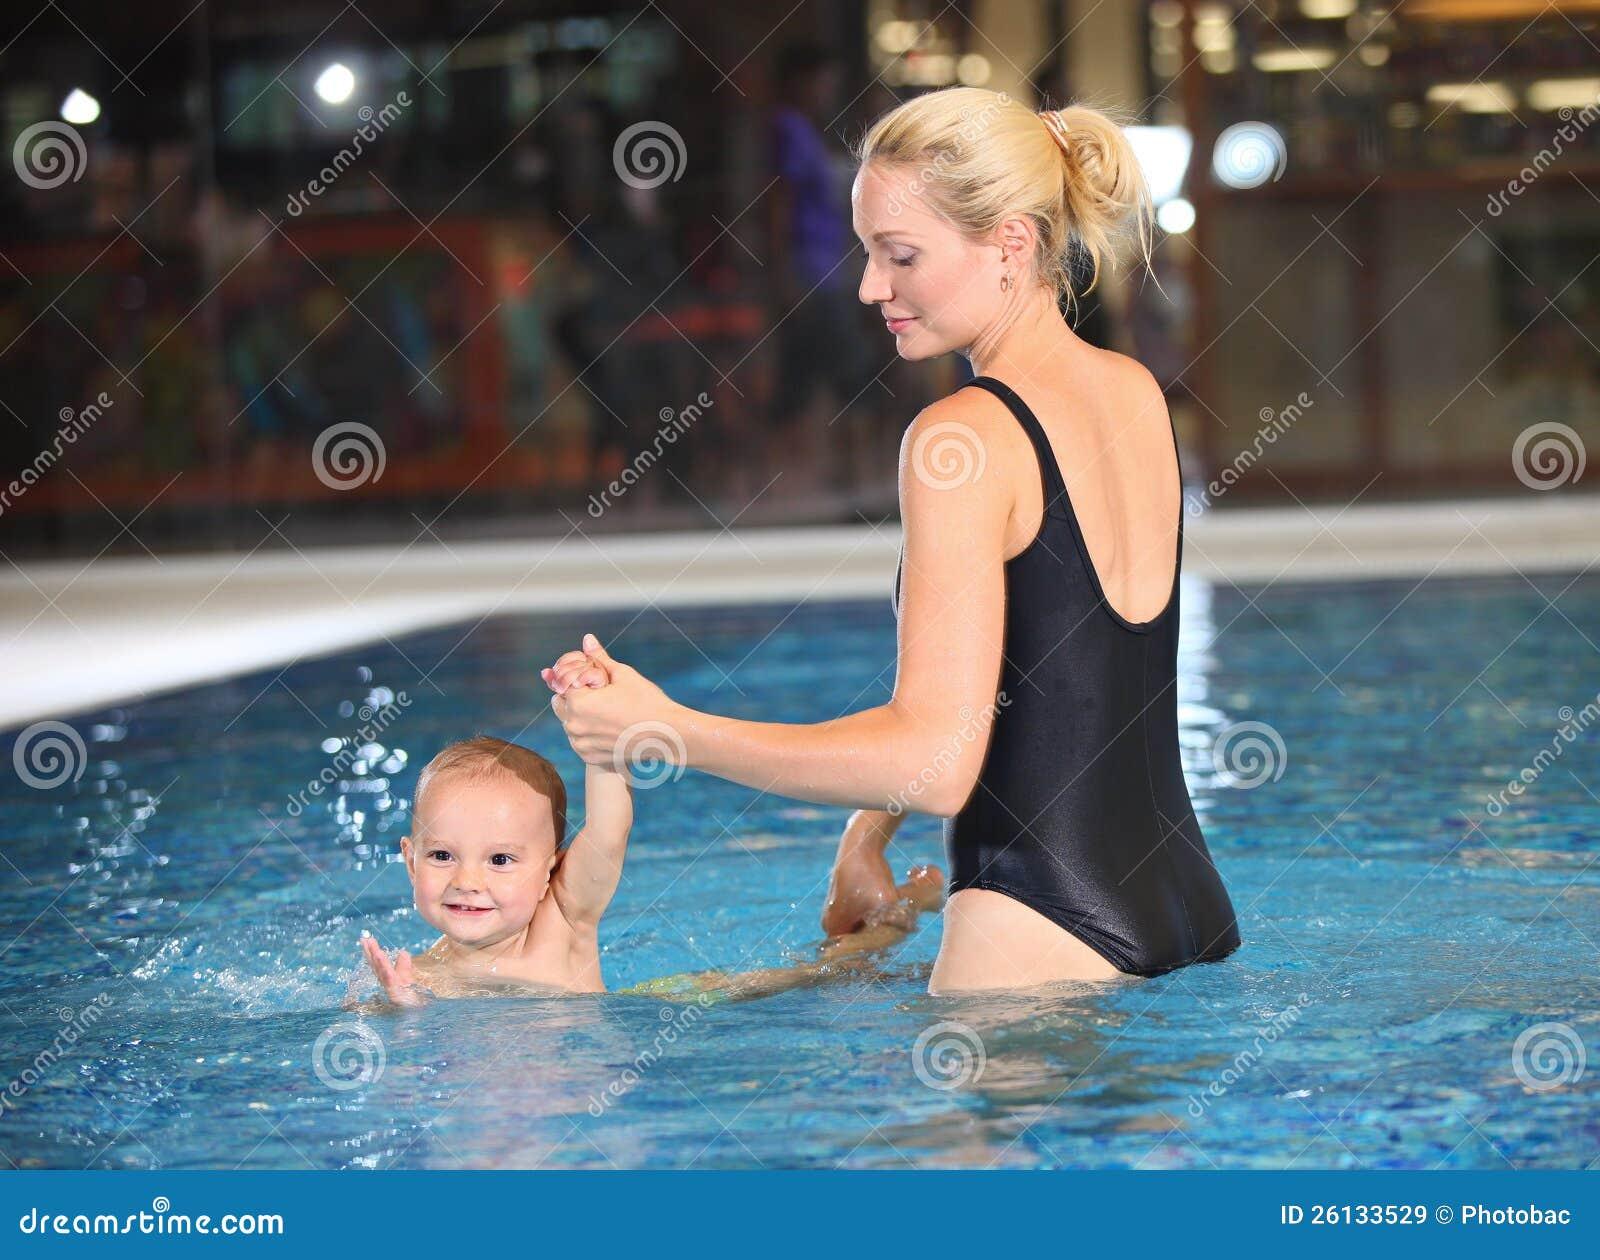 Сын купается с мамой 5 фотография